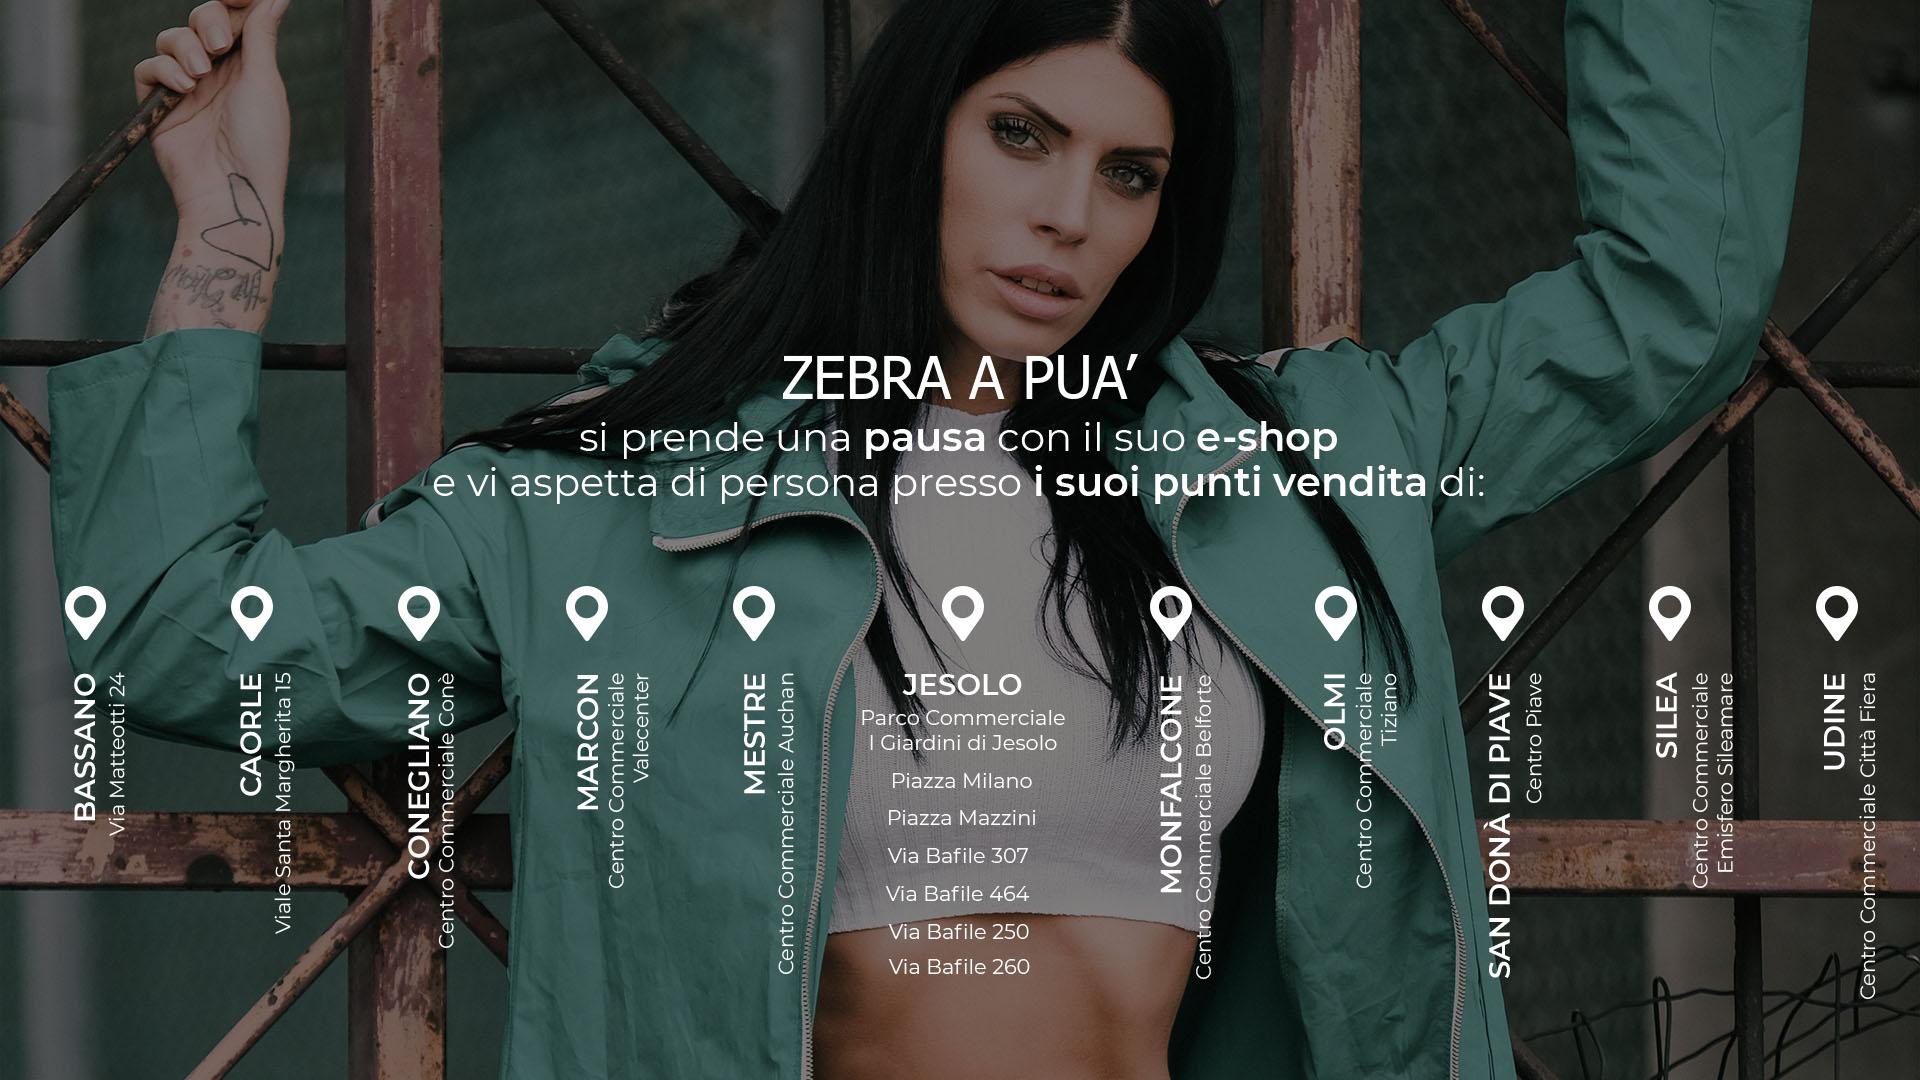 Abbigliamento Donna Autunno Inverno 2018 19 in Vendita Online ... b9abe4321b19